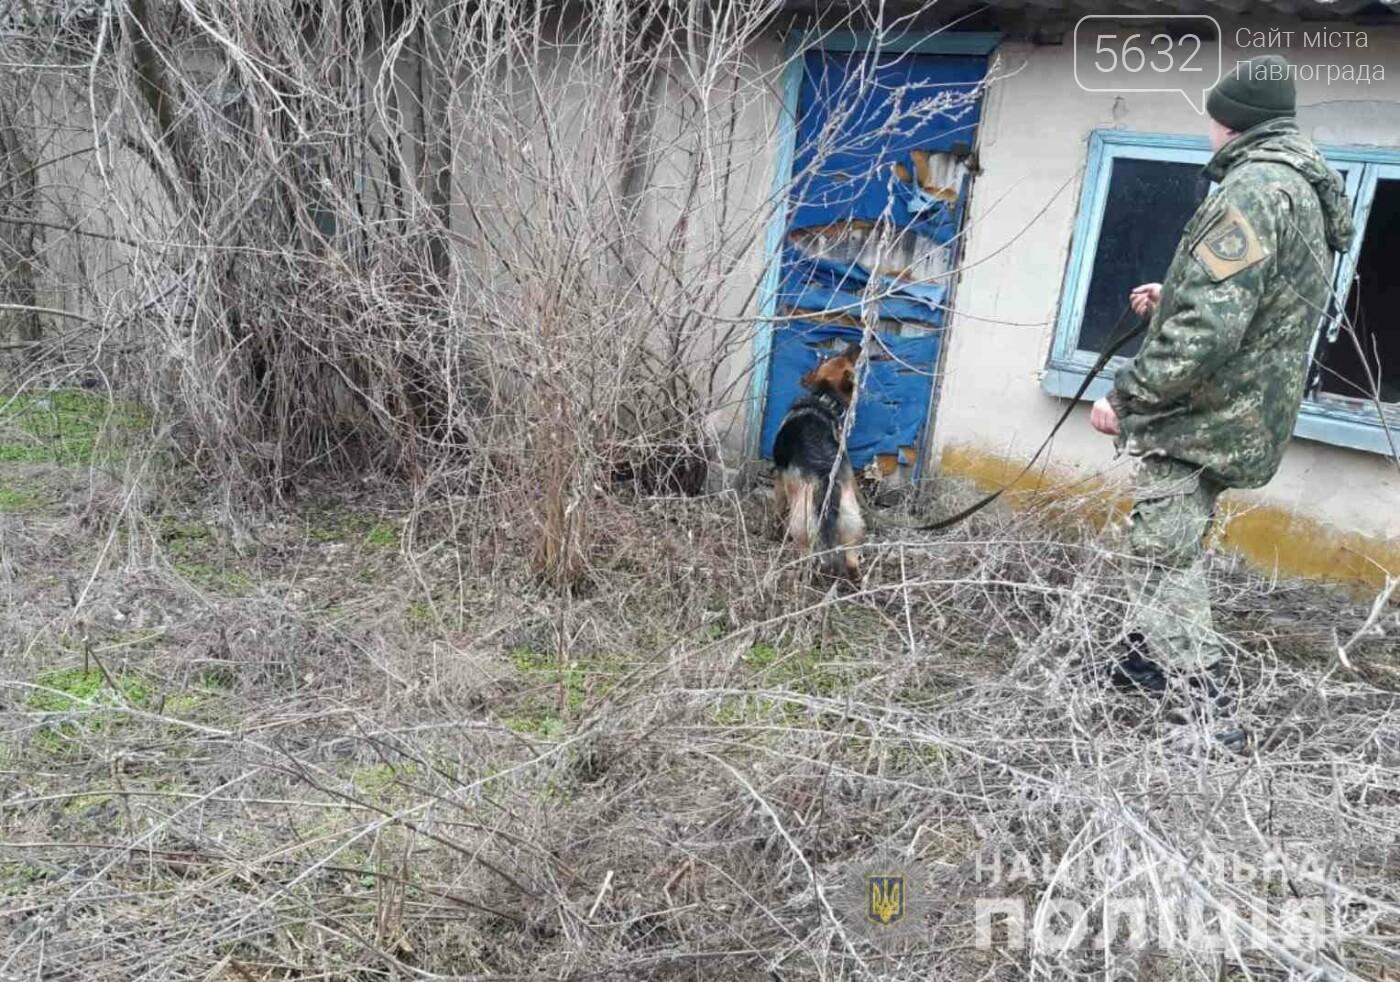 Служебный пёс отыскал пропавшего мальчика в Юрьевском районе, фото-1